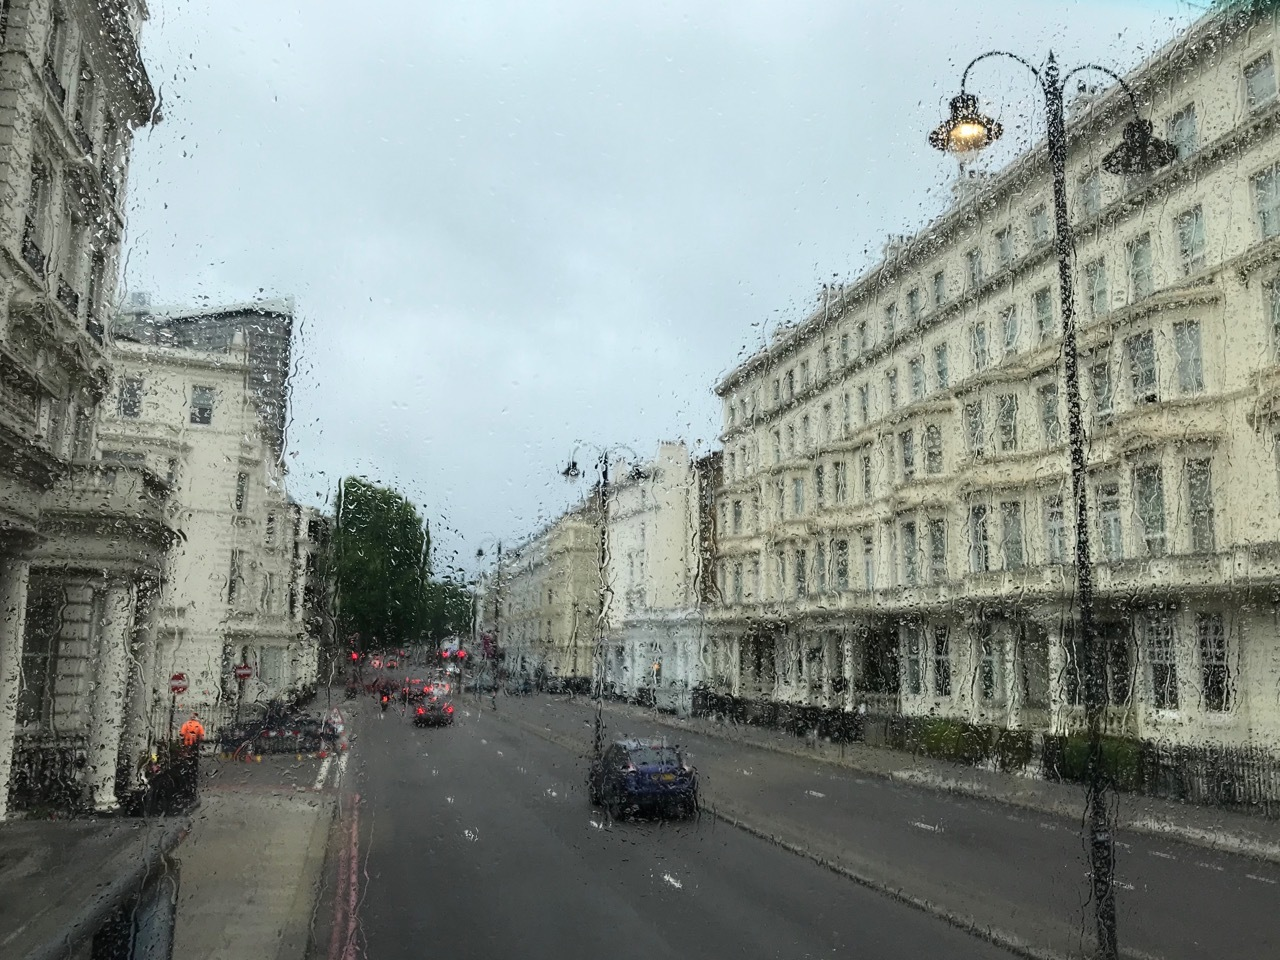 ロックダウン以来4ヶ月ぶりに見たロンドン市内_e0114020_22462432.jpg